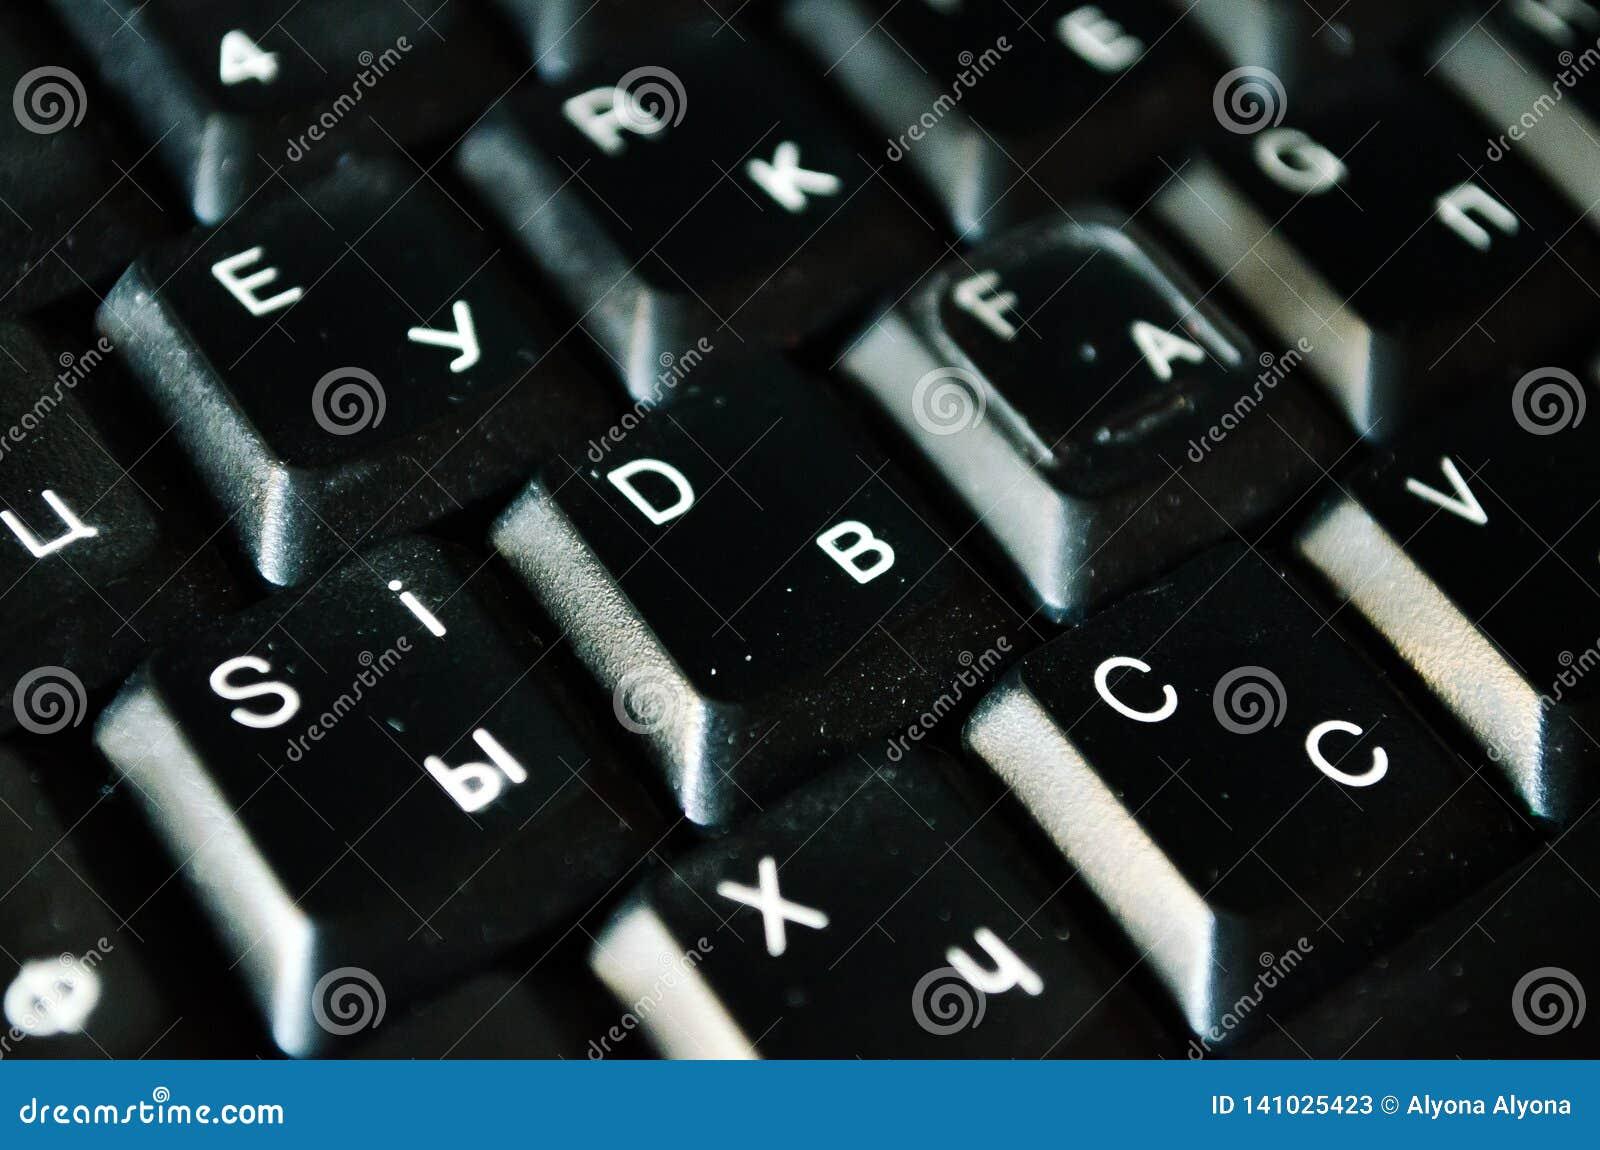 Клавиатура Черная клавиатура кнопки на клавиатуре печатать на машинке Напечатанный текст алфавит принципиальная схема компьютера